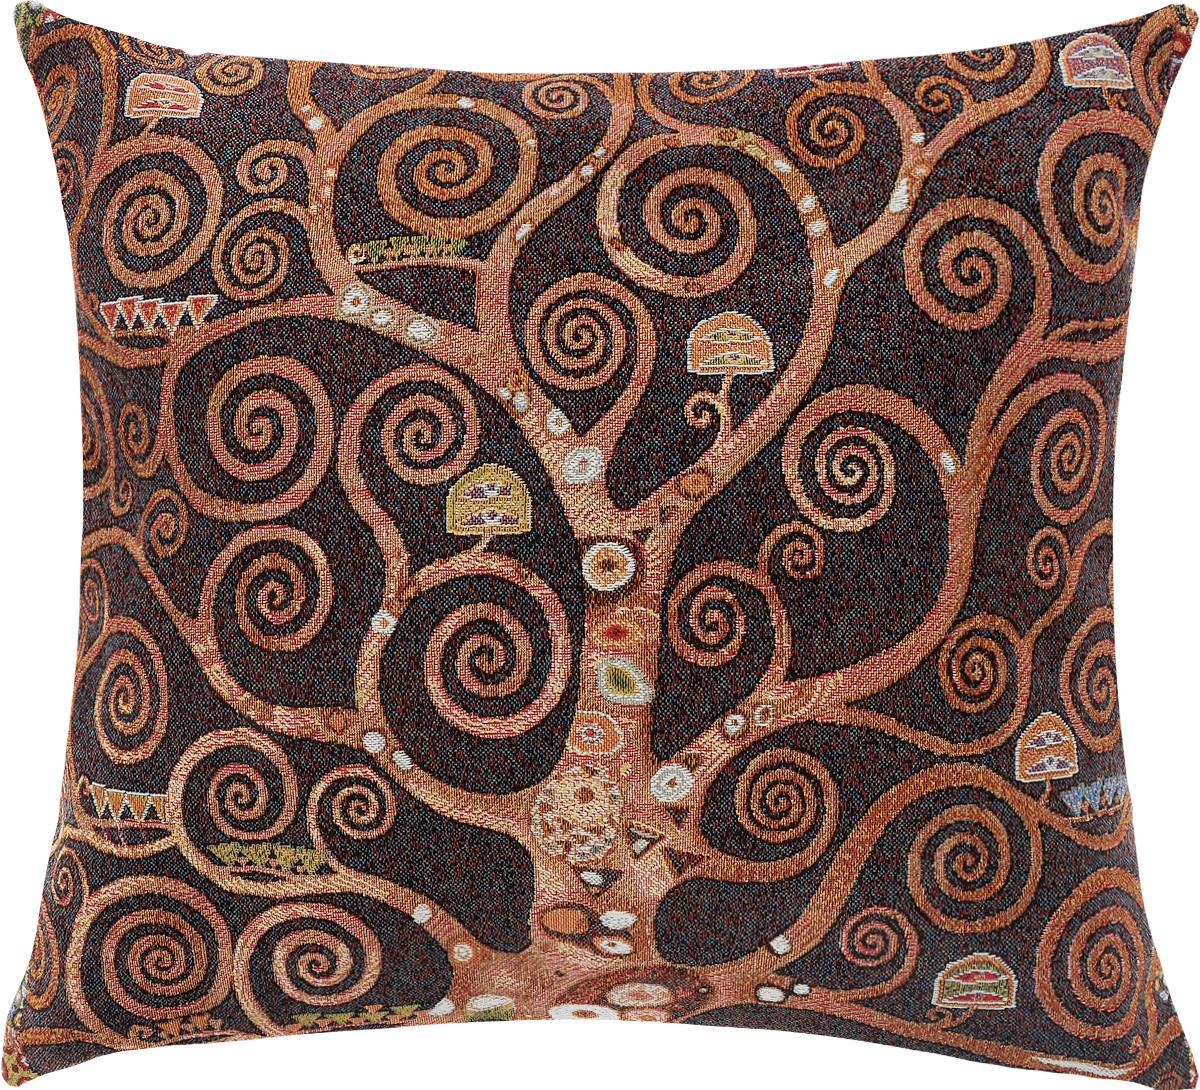 Подушка декоративная Рапира Древо, 45 х 50 смU210DFДекоративная подушка Рапира Древо изготовлена из 50% хлопка и 50% полиэфира. Изделие очень прочное и нежное на ощупь. Лицевая сторона подушки декорирована красочным гобеленовым рисунком, а оборотная сторона - однотонная ткань, похожая на плюш. Чехол подушки снабжен удобной молнией. Подушка Рапира Древо станет приятным дополнением к интерьеру любой комнаты.Размер подушки: 45 х 50 см.